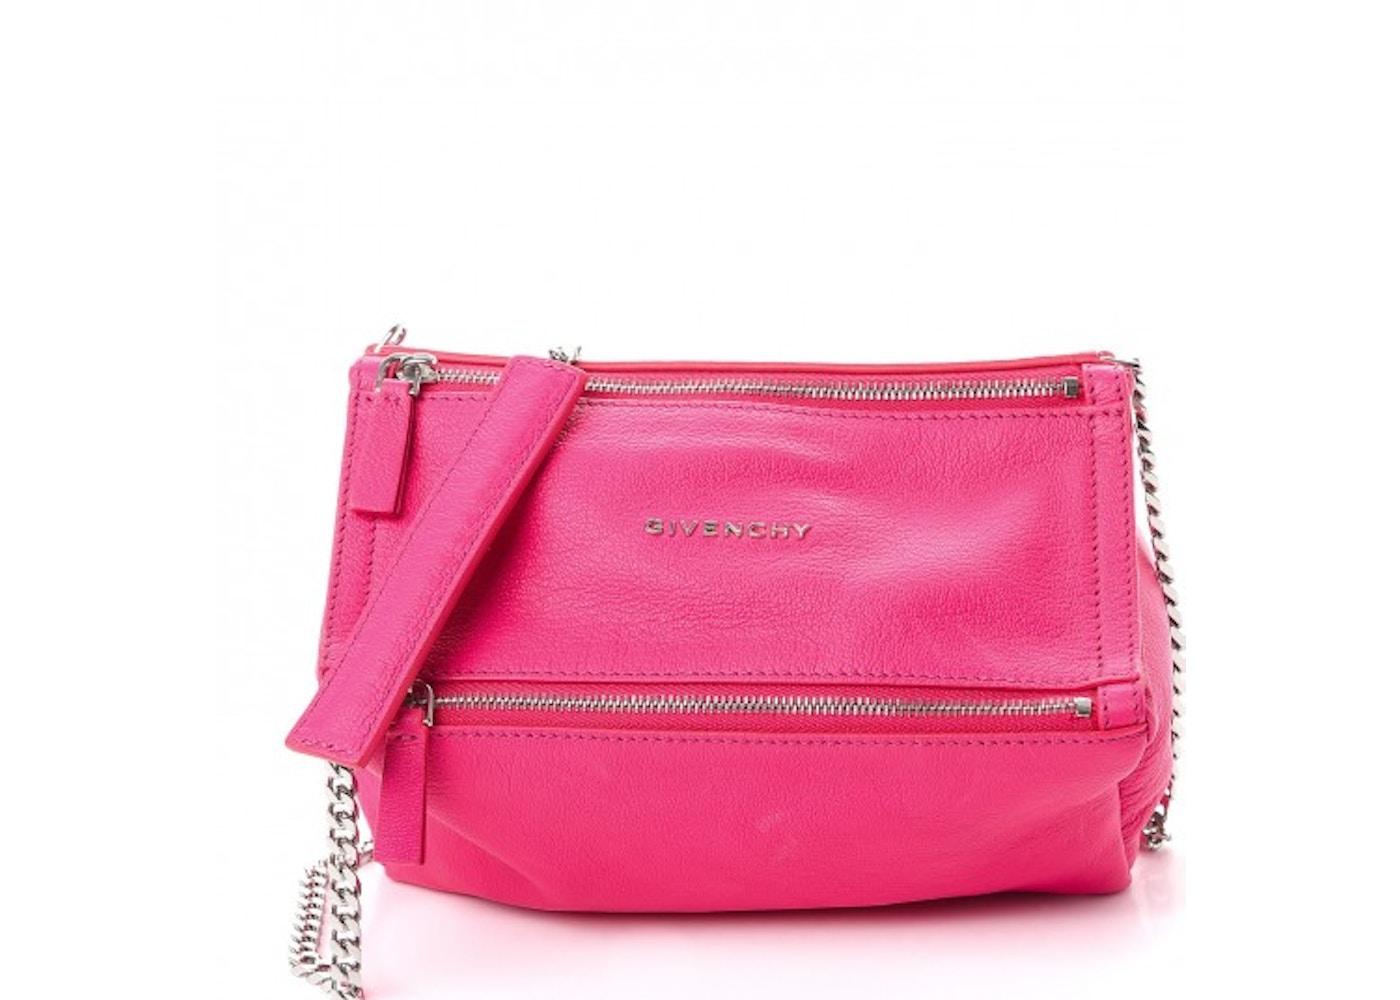 Givenchy Pandora Messenger Chain Sugar Goatskin Mini Hot Pink. Chain Sugar  Goatskin Mini Hot Pink a0e8fea88b99d